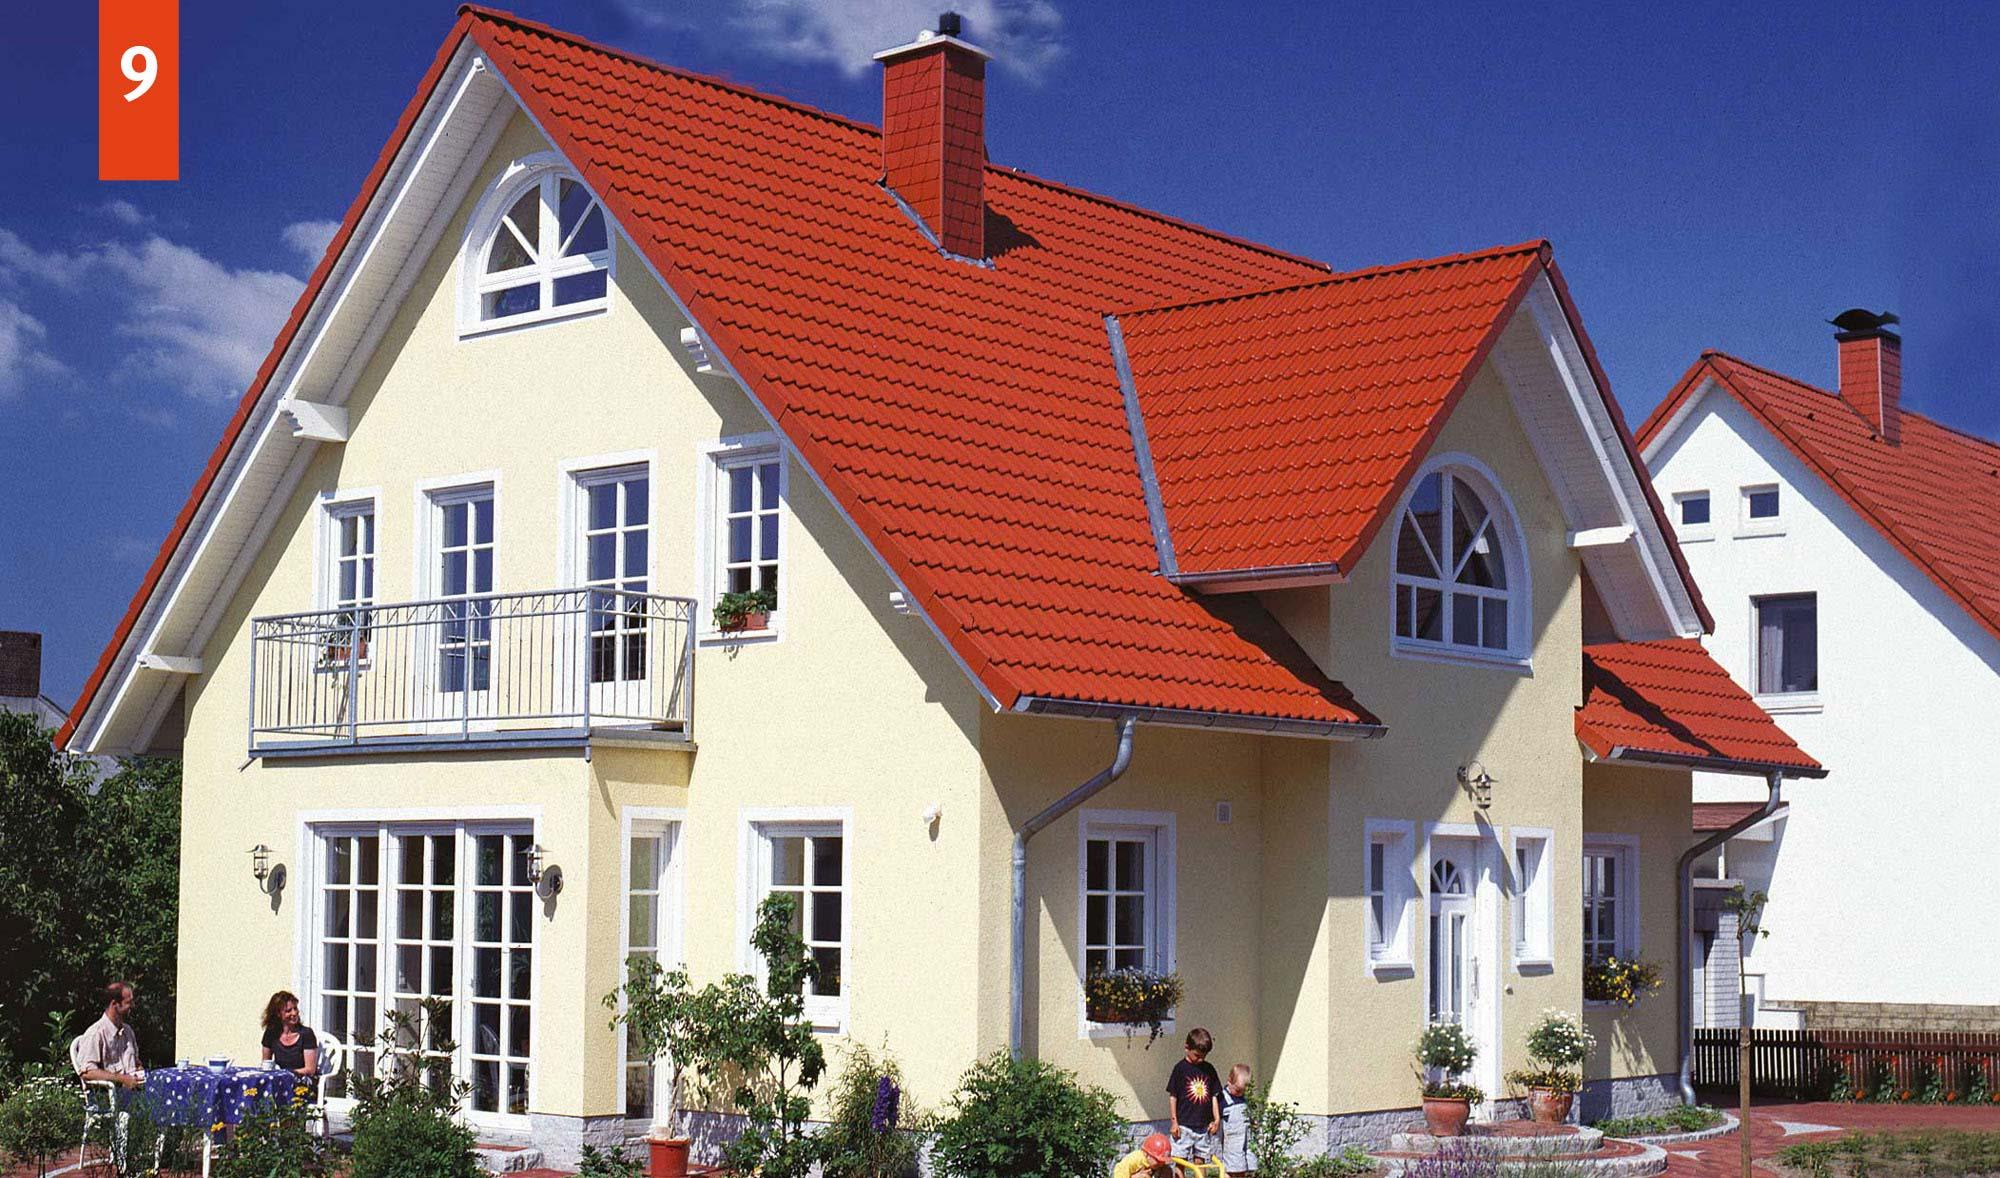 Landhaus mit Kapitänsgiebel und 165 m² Grundriss - Kapitänsgiebelhaus schlüsselfertig im Raum Osnabrück, Cloppenburg, Oldenburg